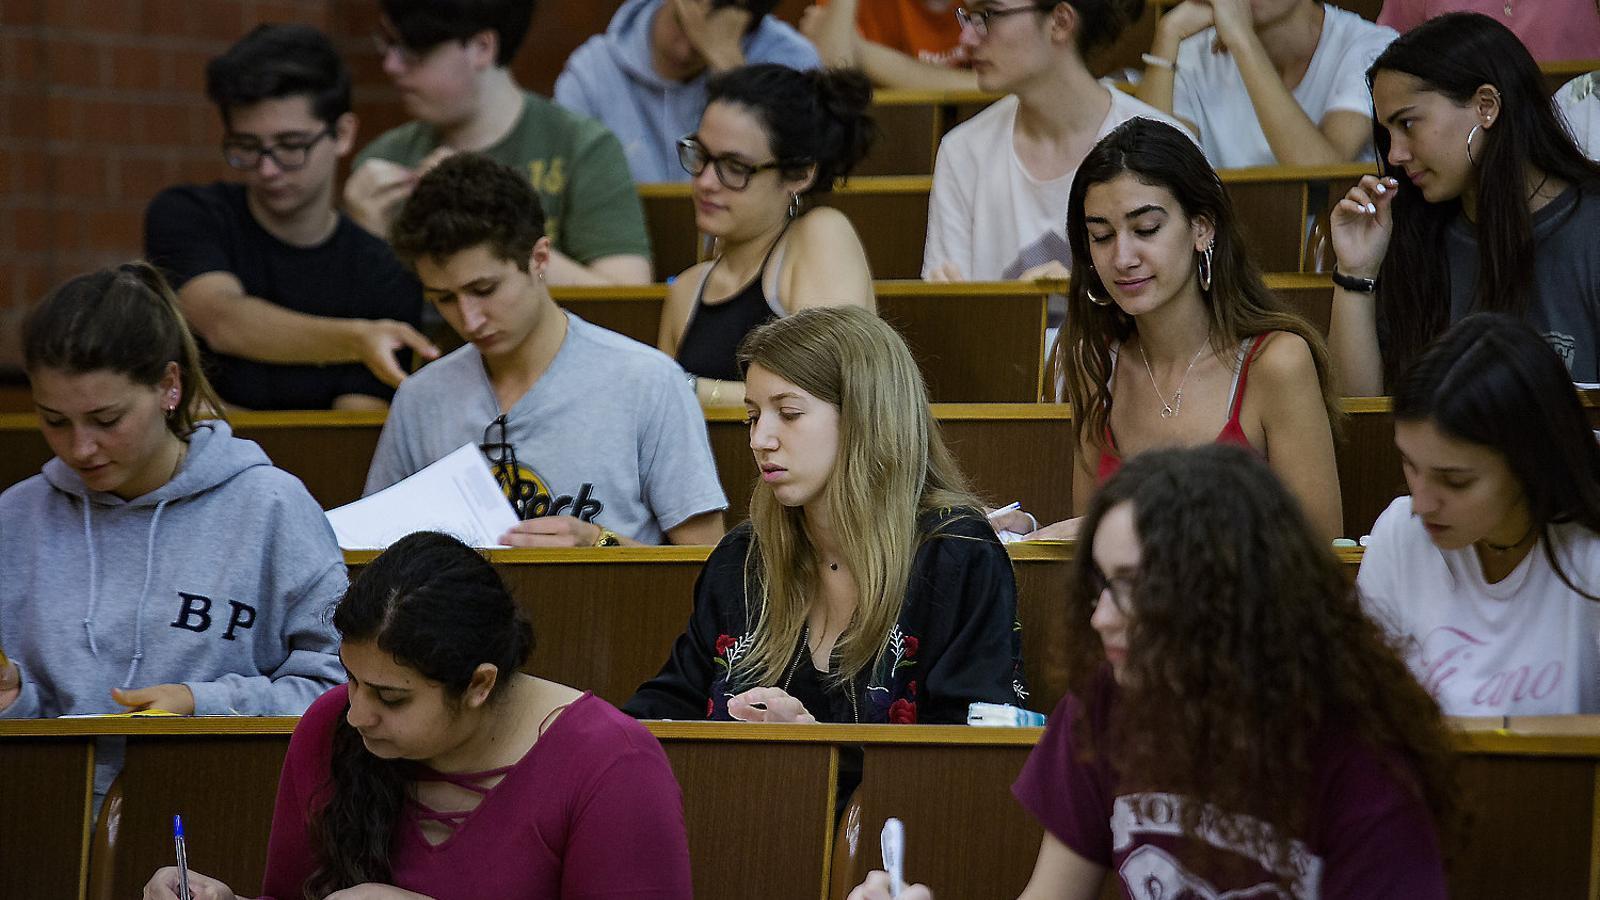 Un grup d'estudiants fent la selectivitat aquest any, a la facultat de biologia de la UB.